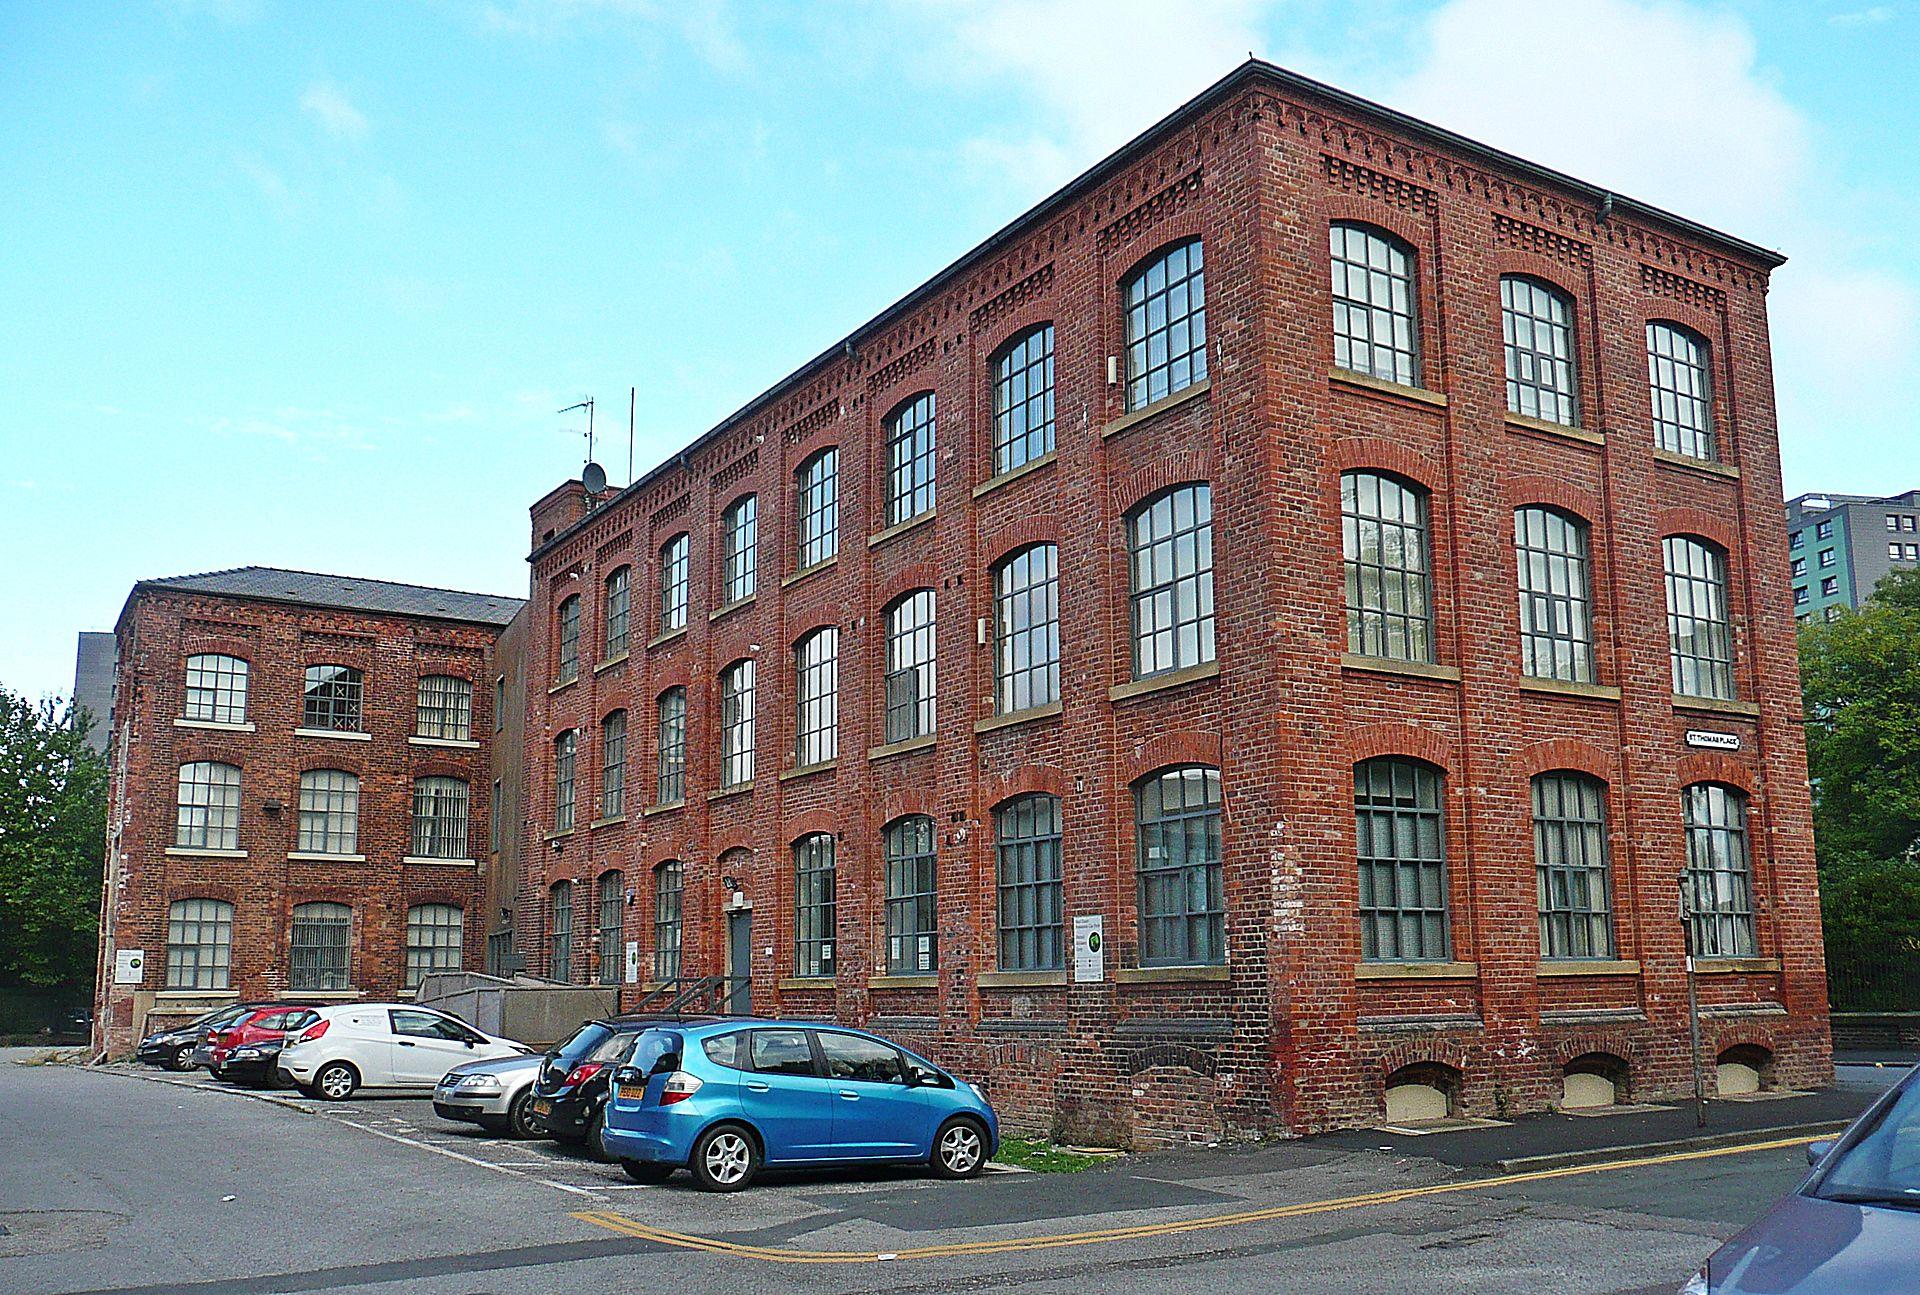 Marriott_Street_Mill,_Stockport.jpg